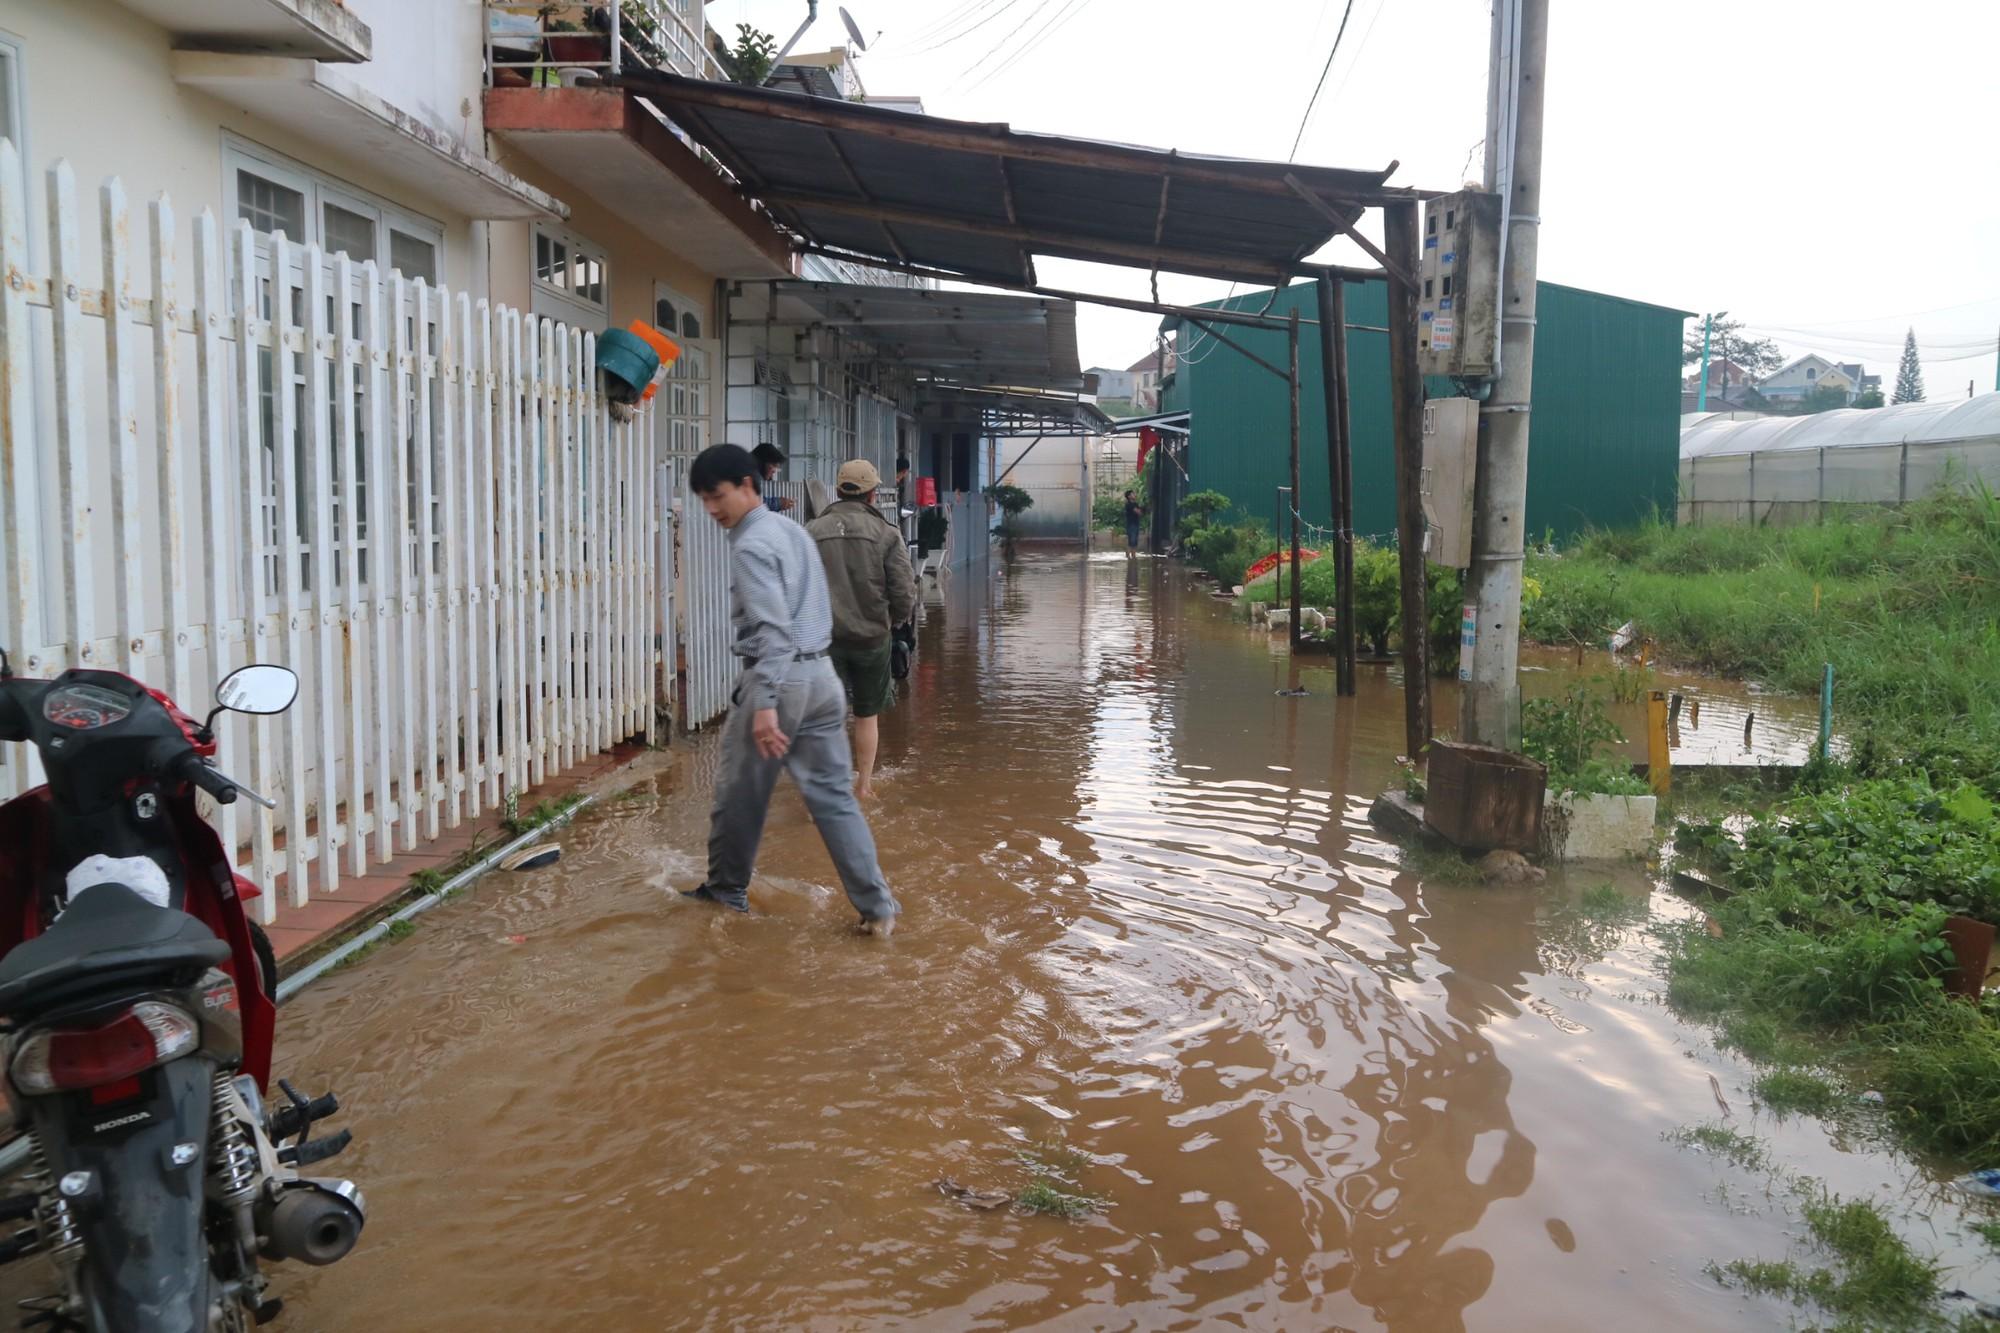 Đà Lạt mưa lớn kéo dài, nhiều nơi ngập nặng, người dân cuống cuồng lội nước - Ảnh 6.